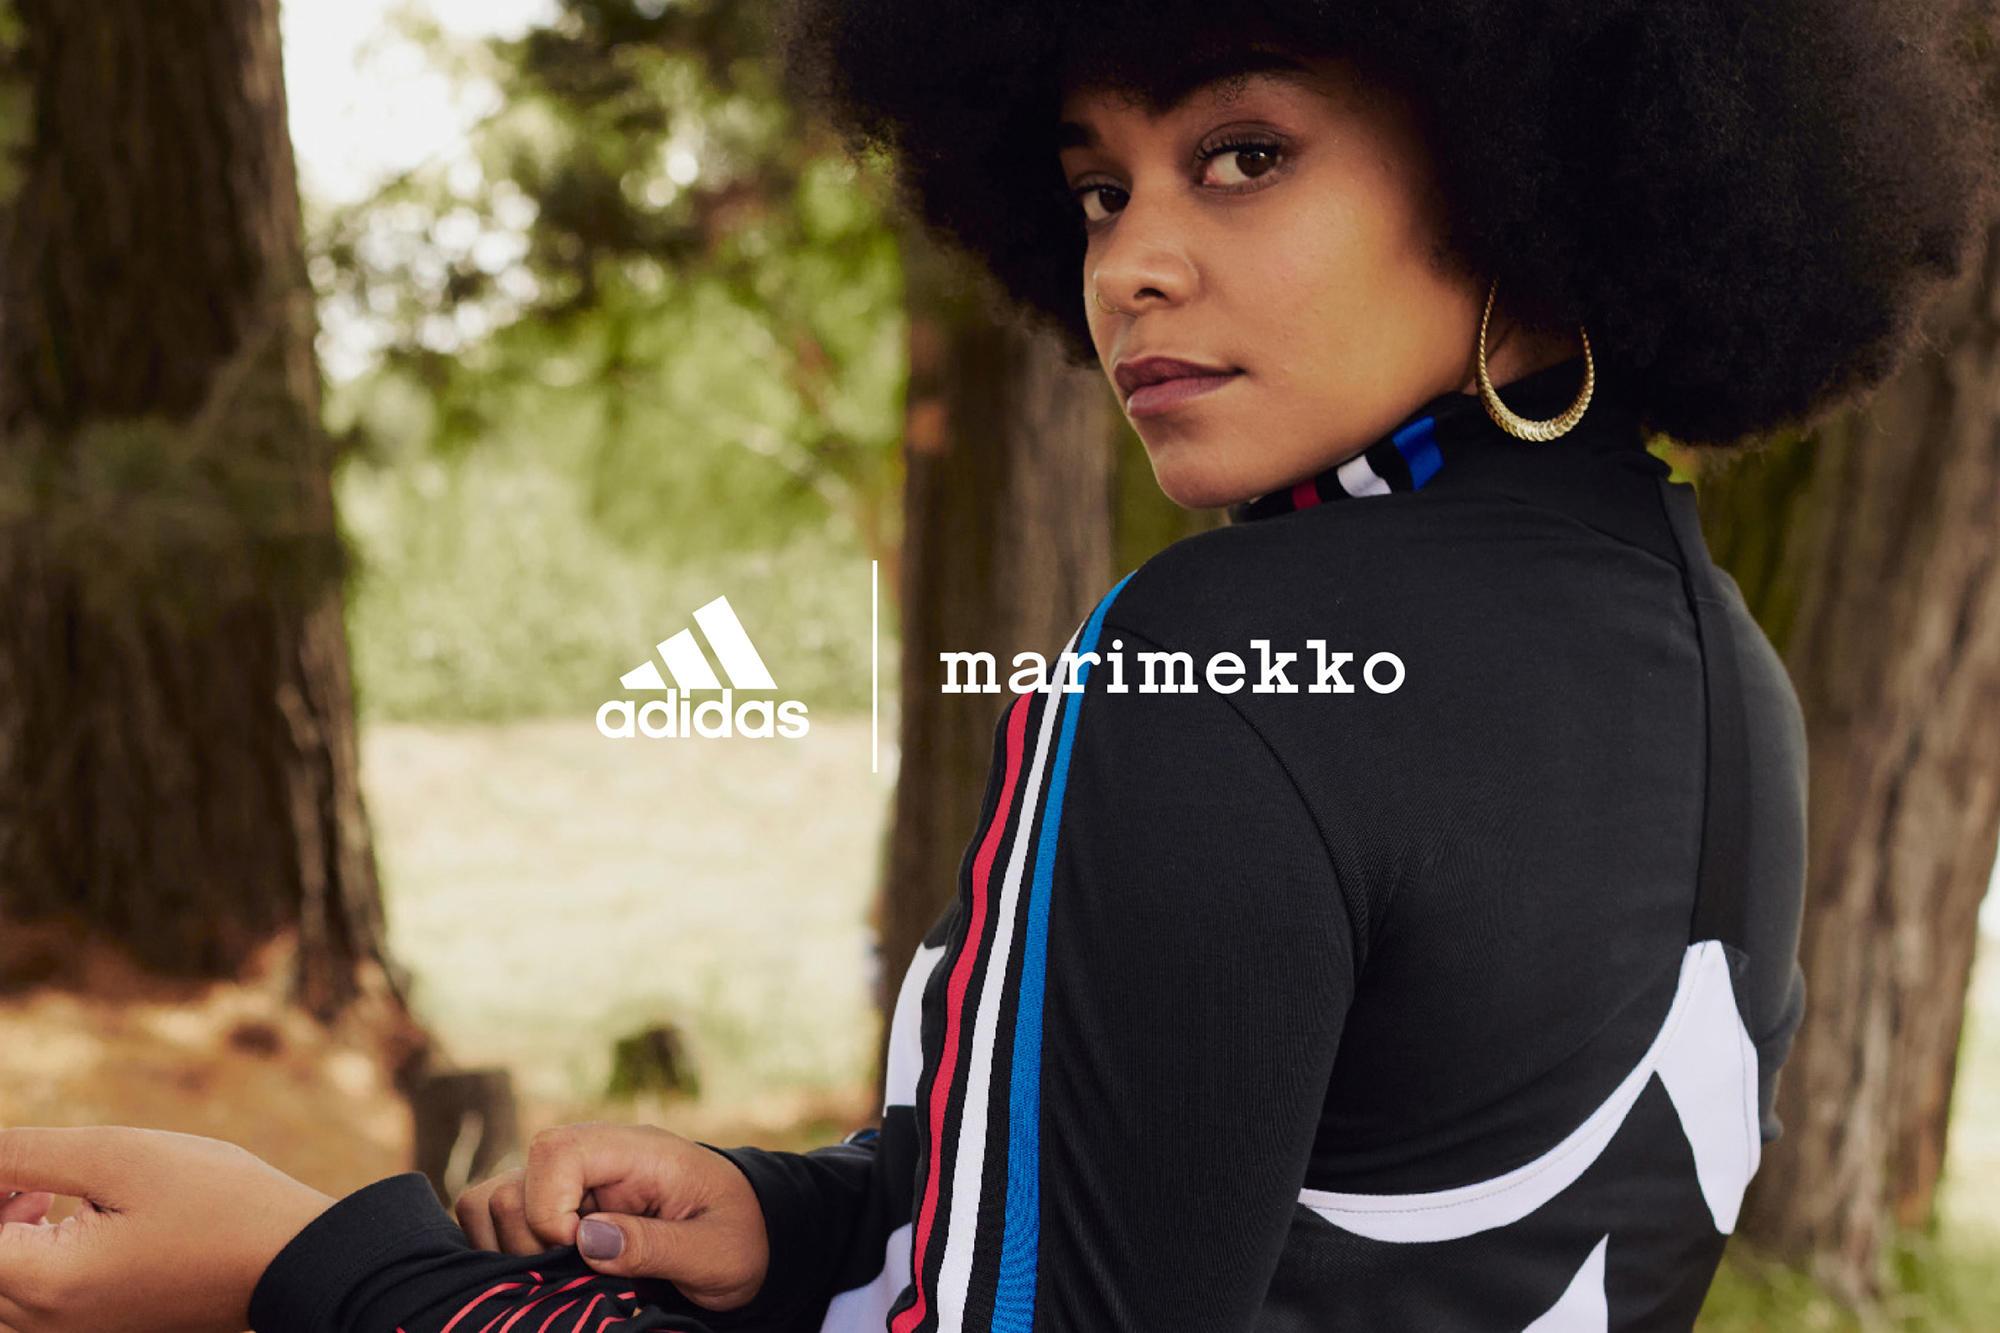 Coming soon | adidas x Marimekko